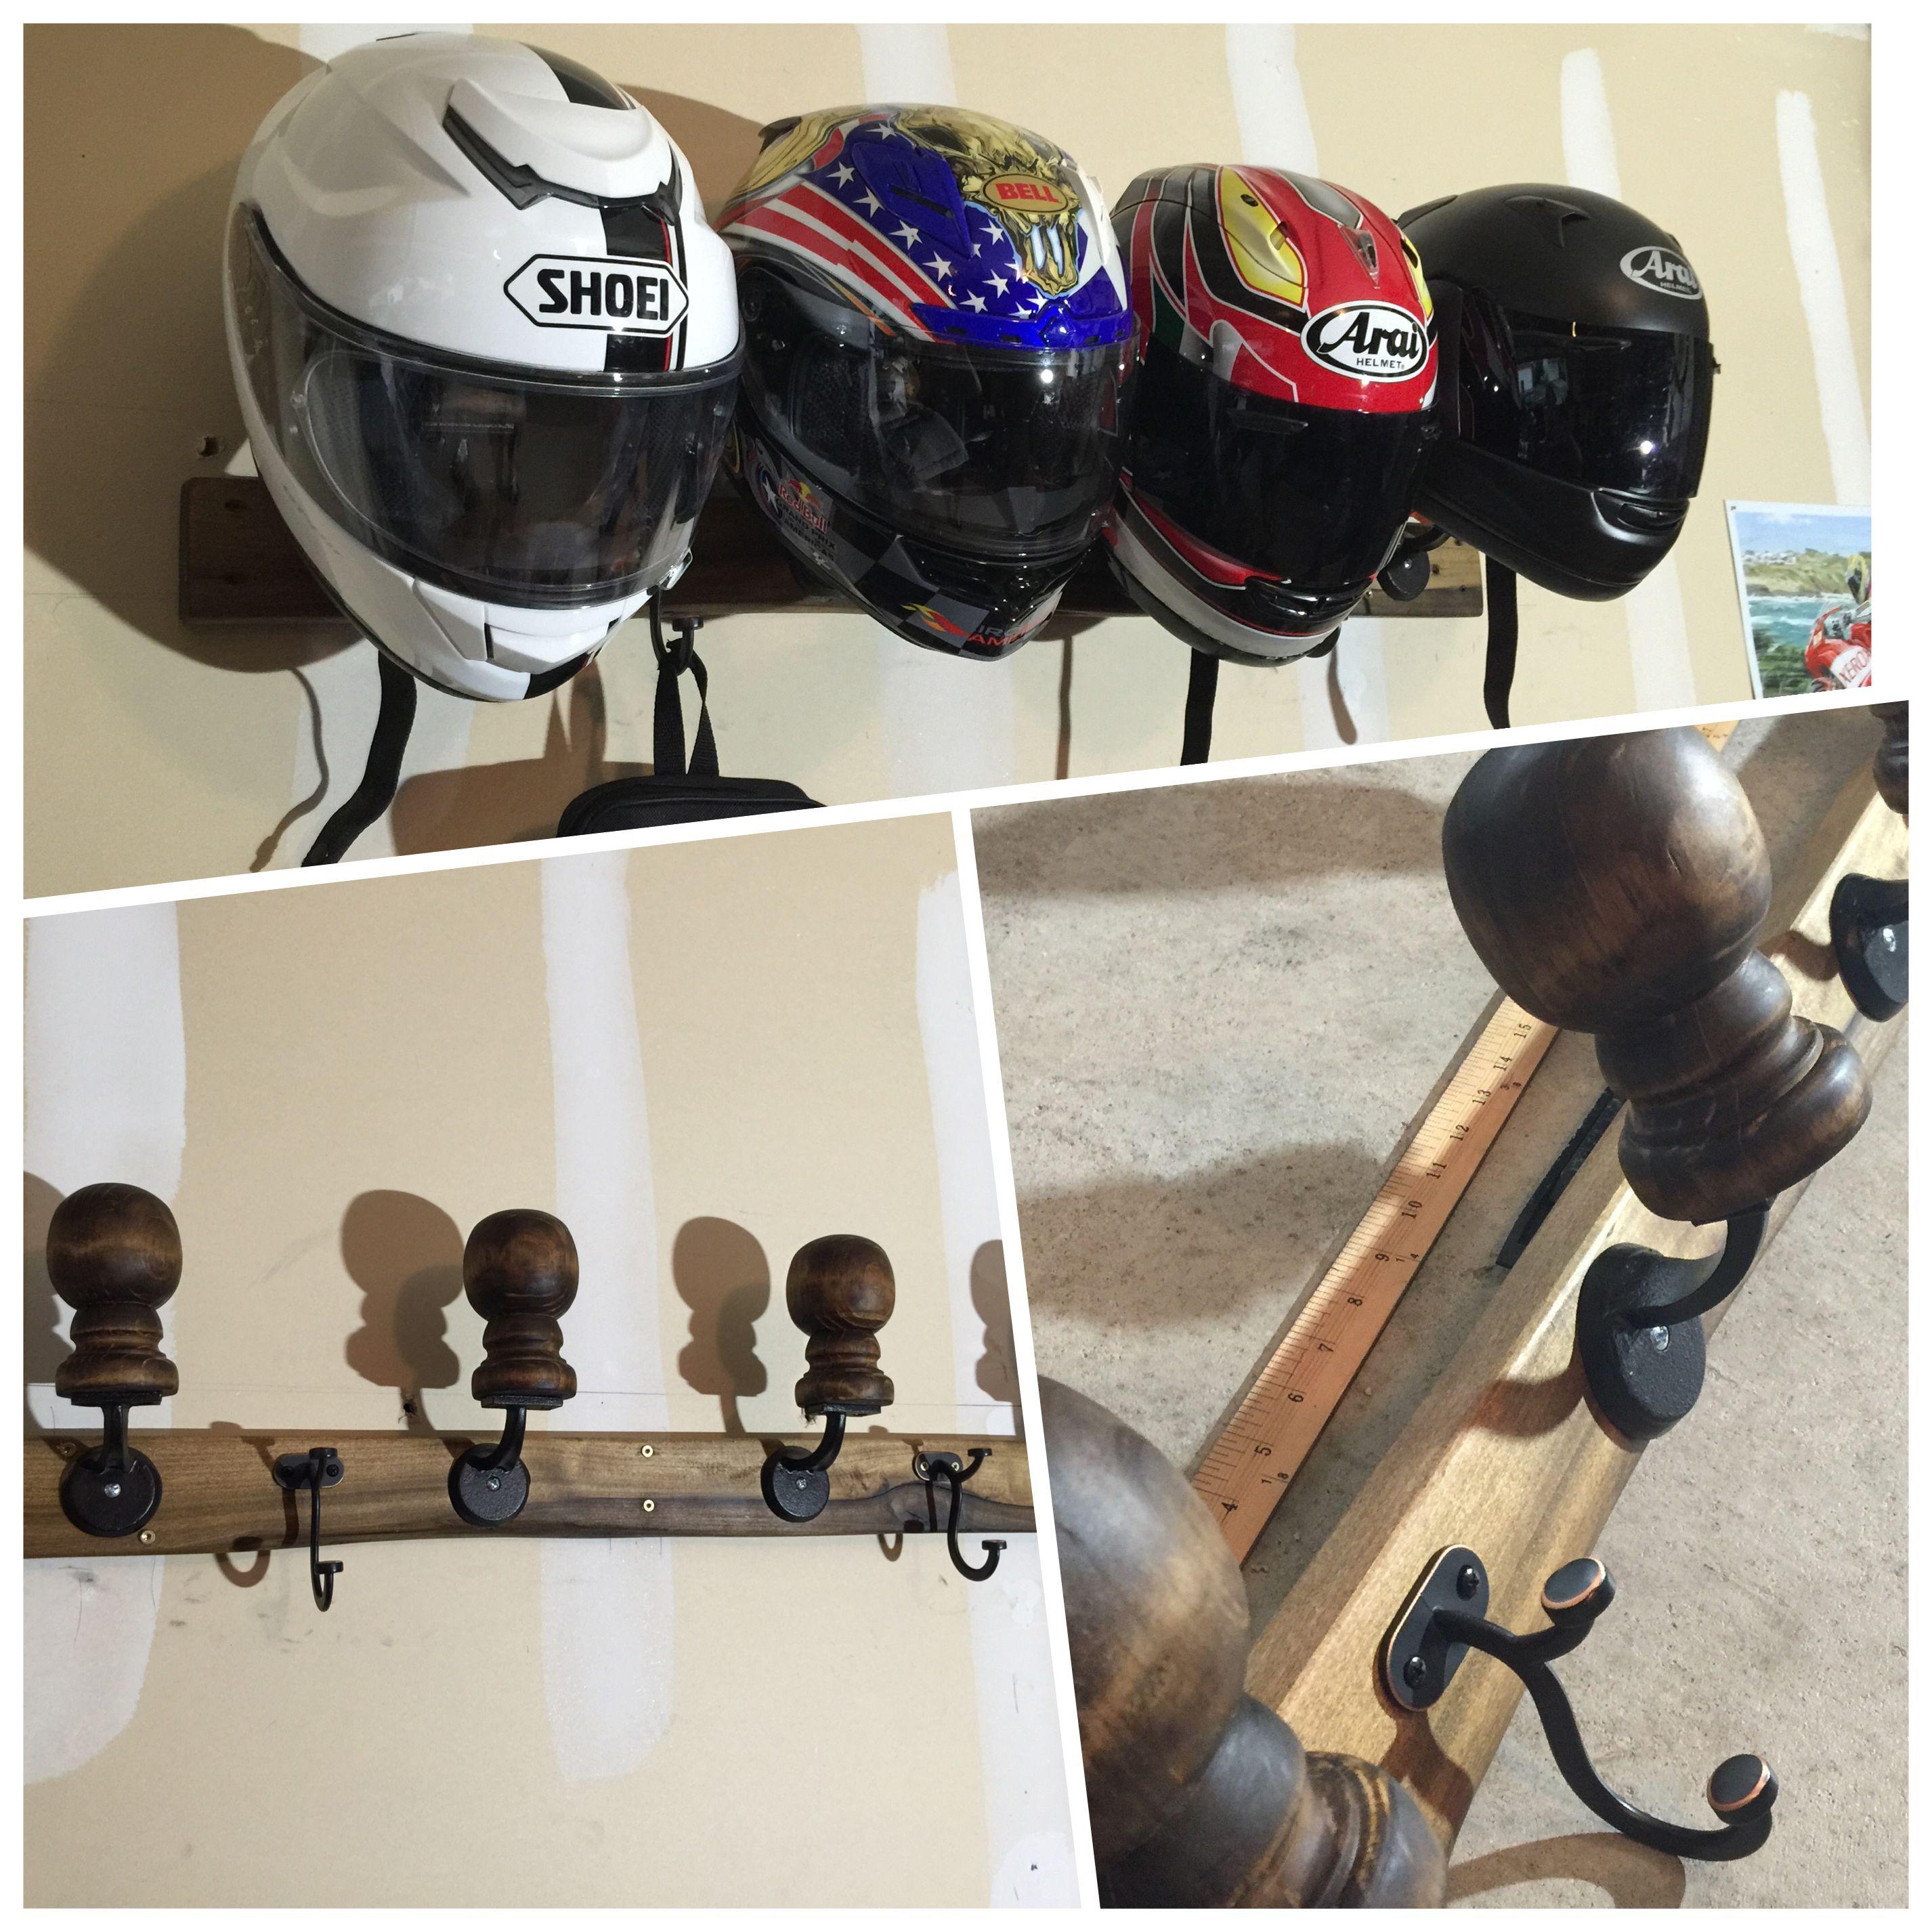 Homemade Motorcycle Helmet Rack Organizers Gear